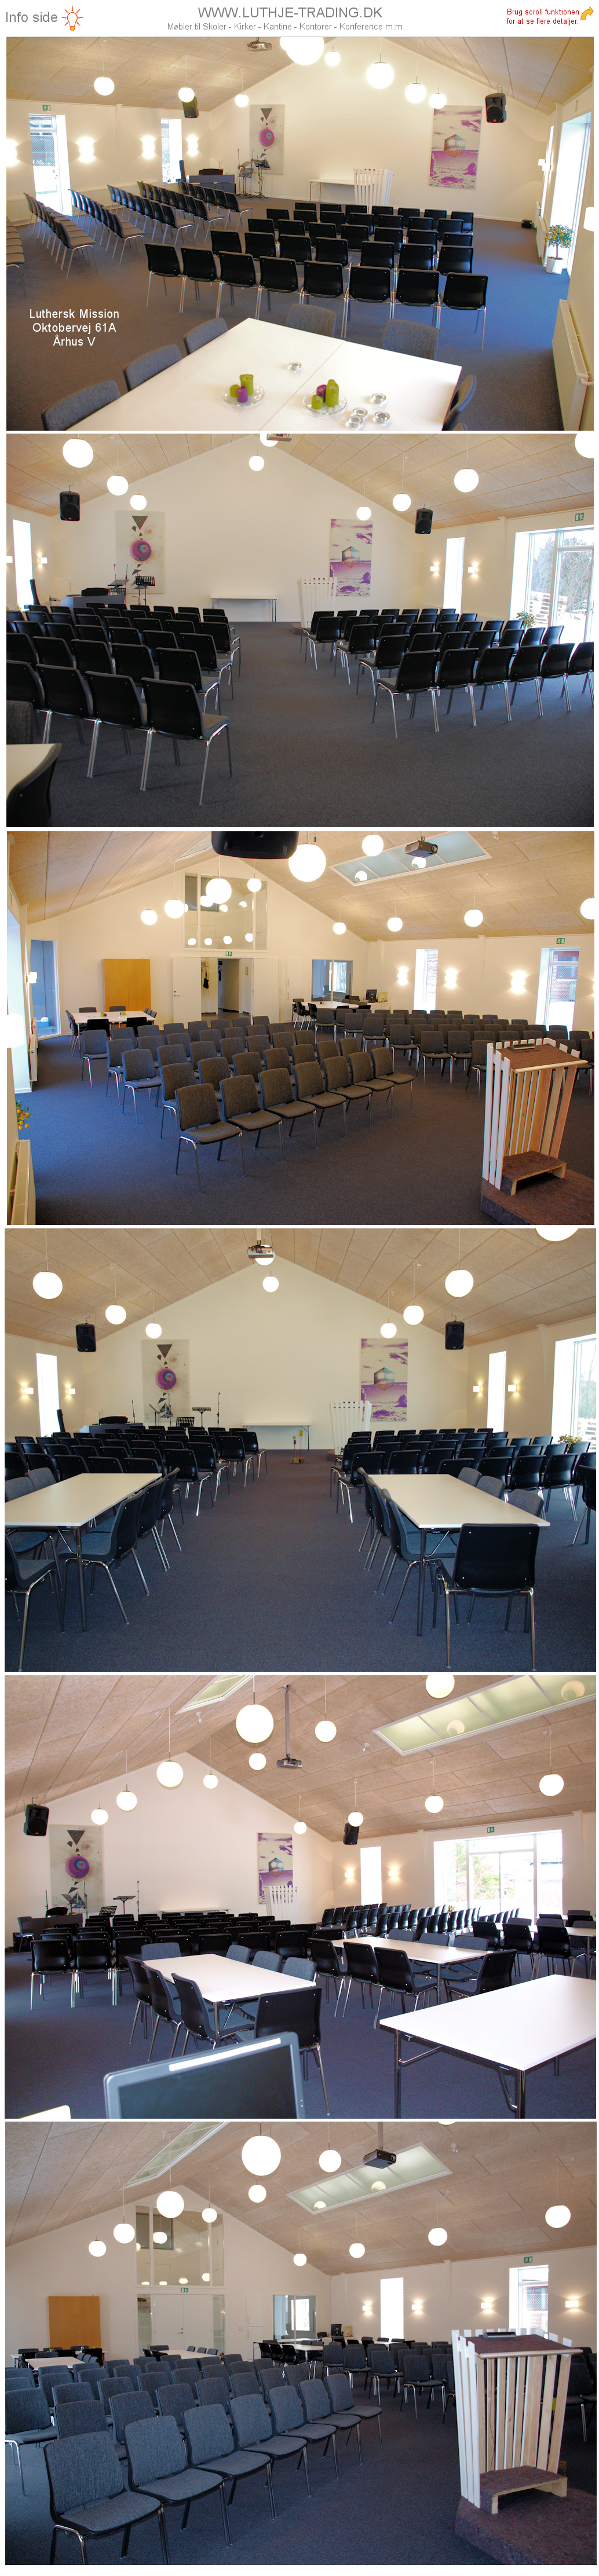 Ana stol opstilling i menighedslokale. Vi giver gerne det bedste tilbud på en Ana stol.